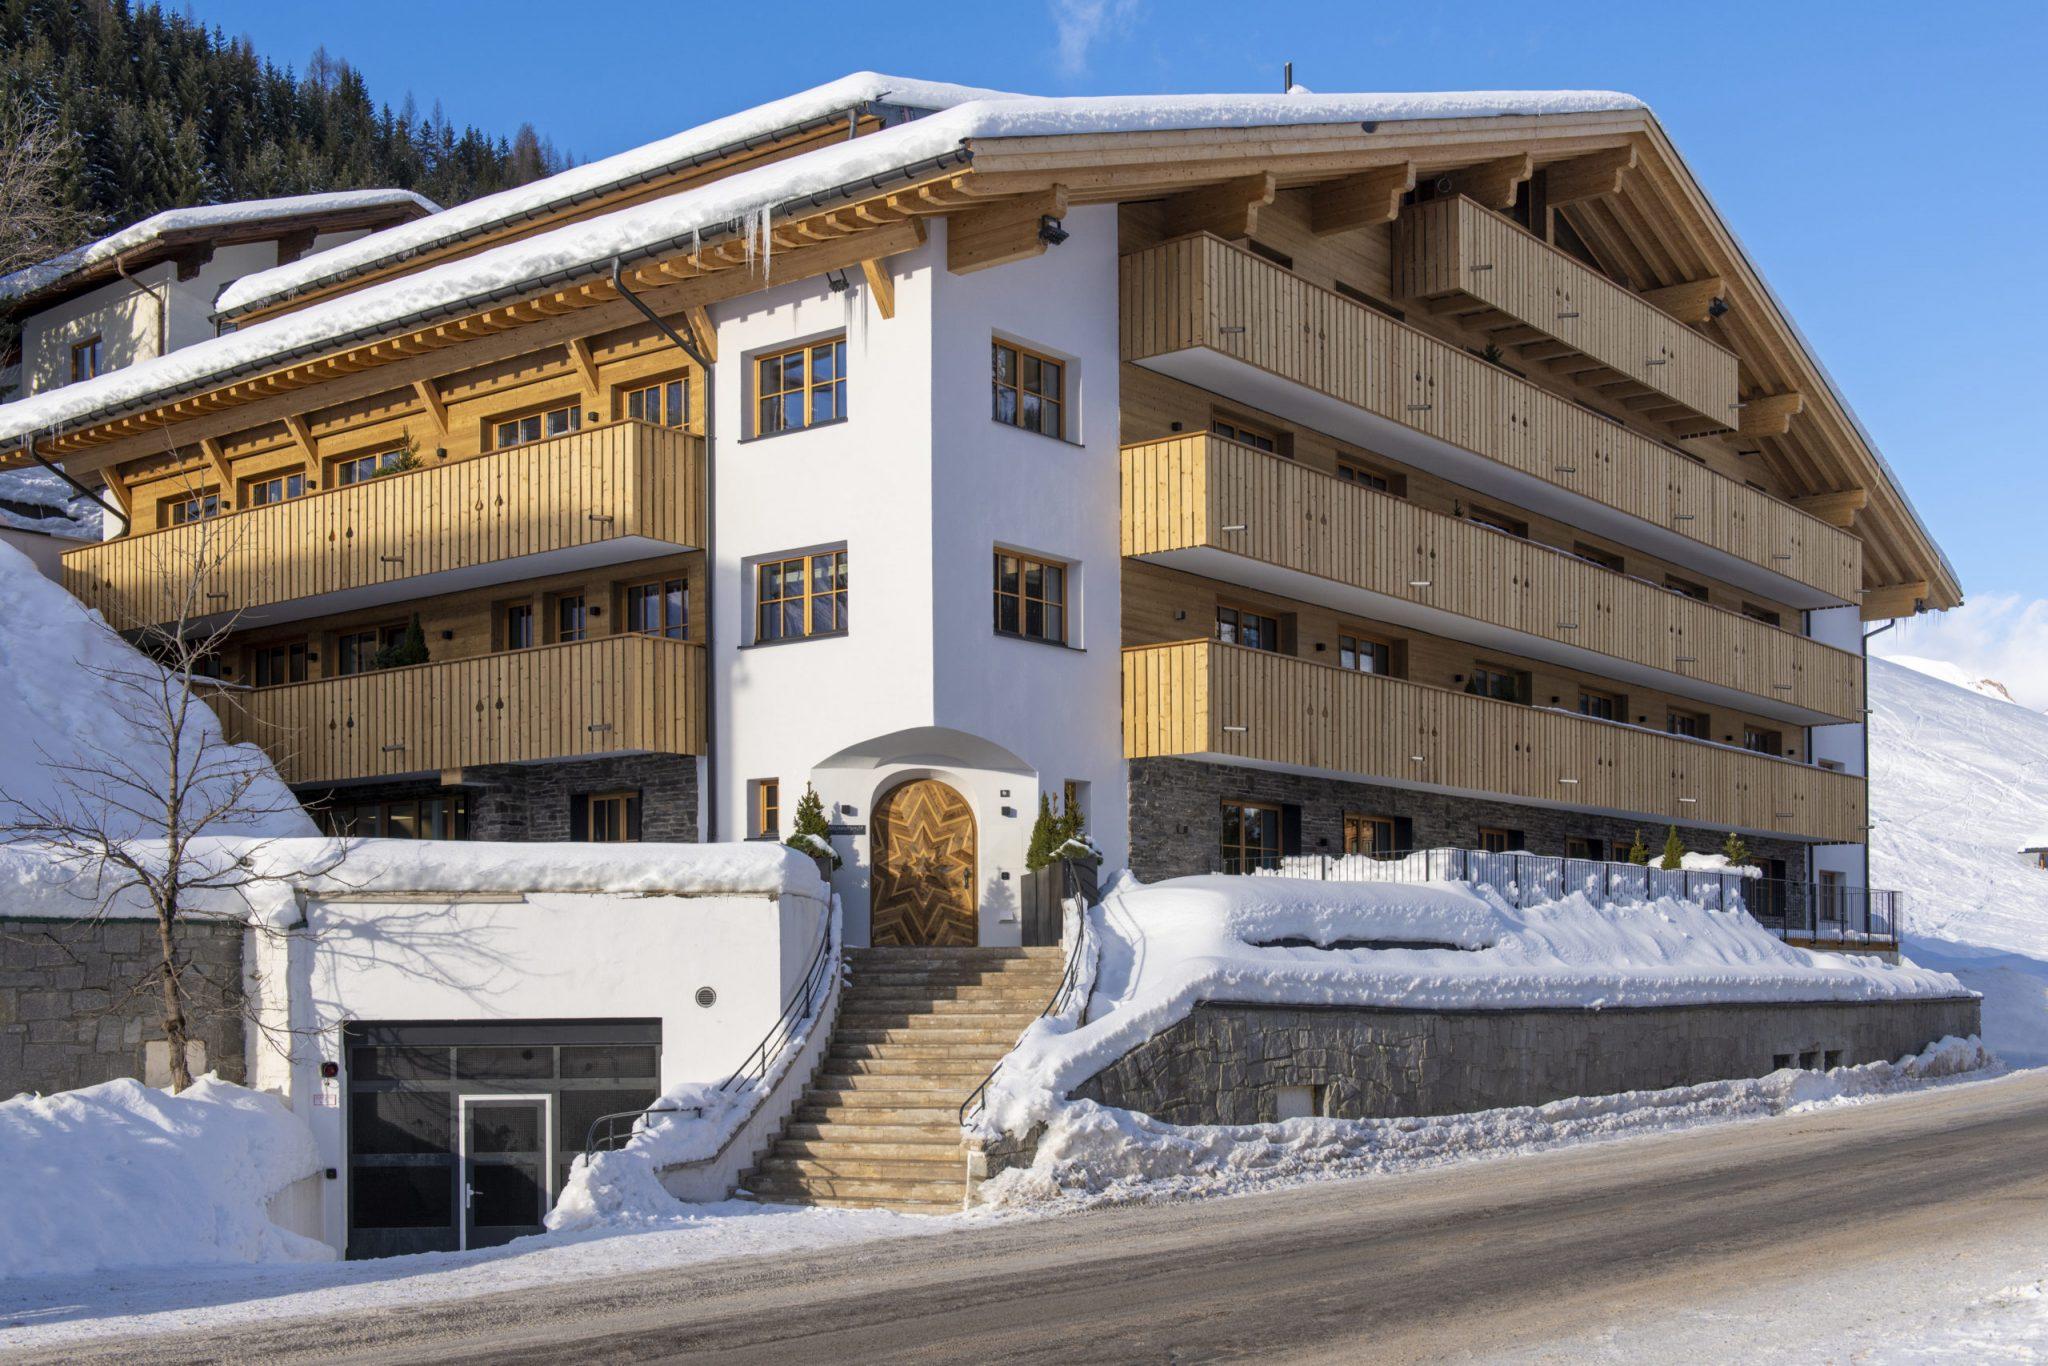 brunnenhof-3-11746-scaled